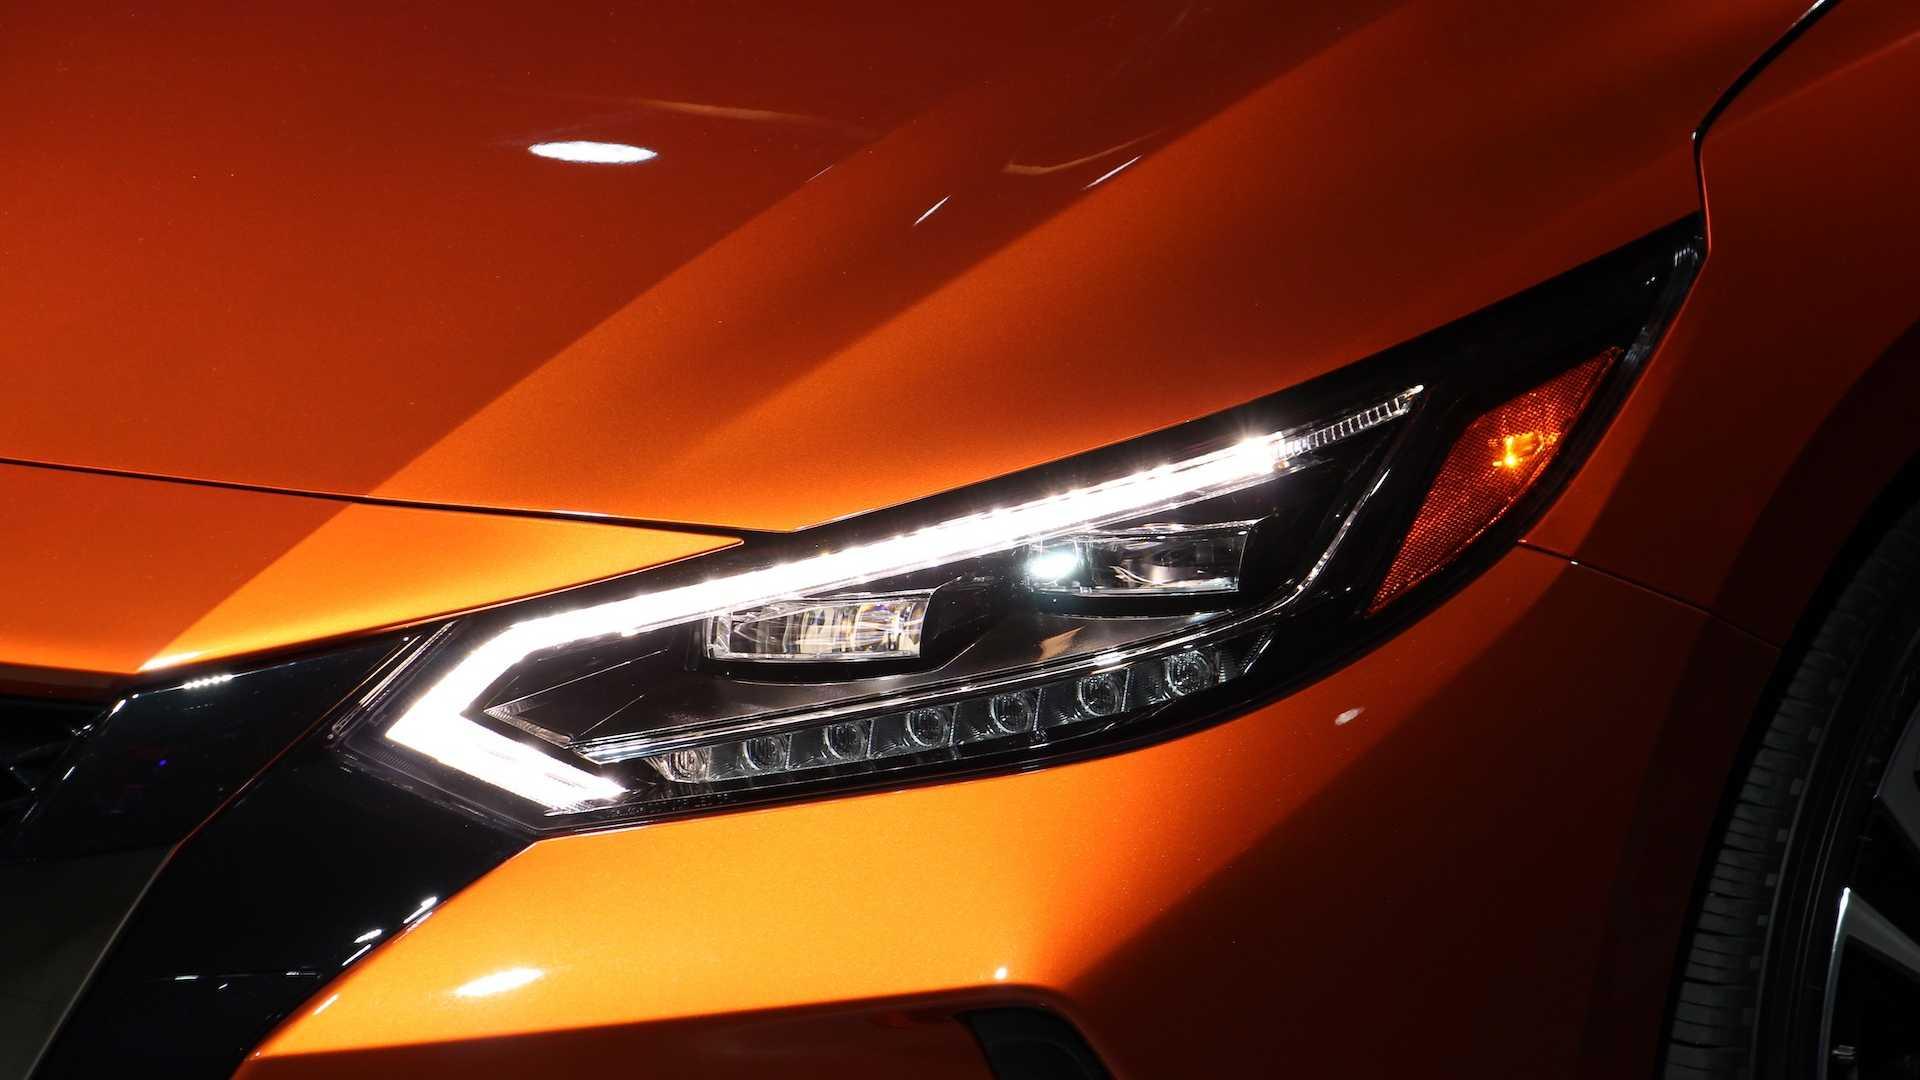 Nissan Sentra thế hệ mới đối đầu trực tiếp với Honda Civic hay Mazda3 - 4